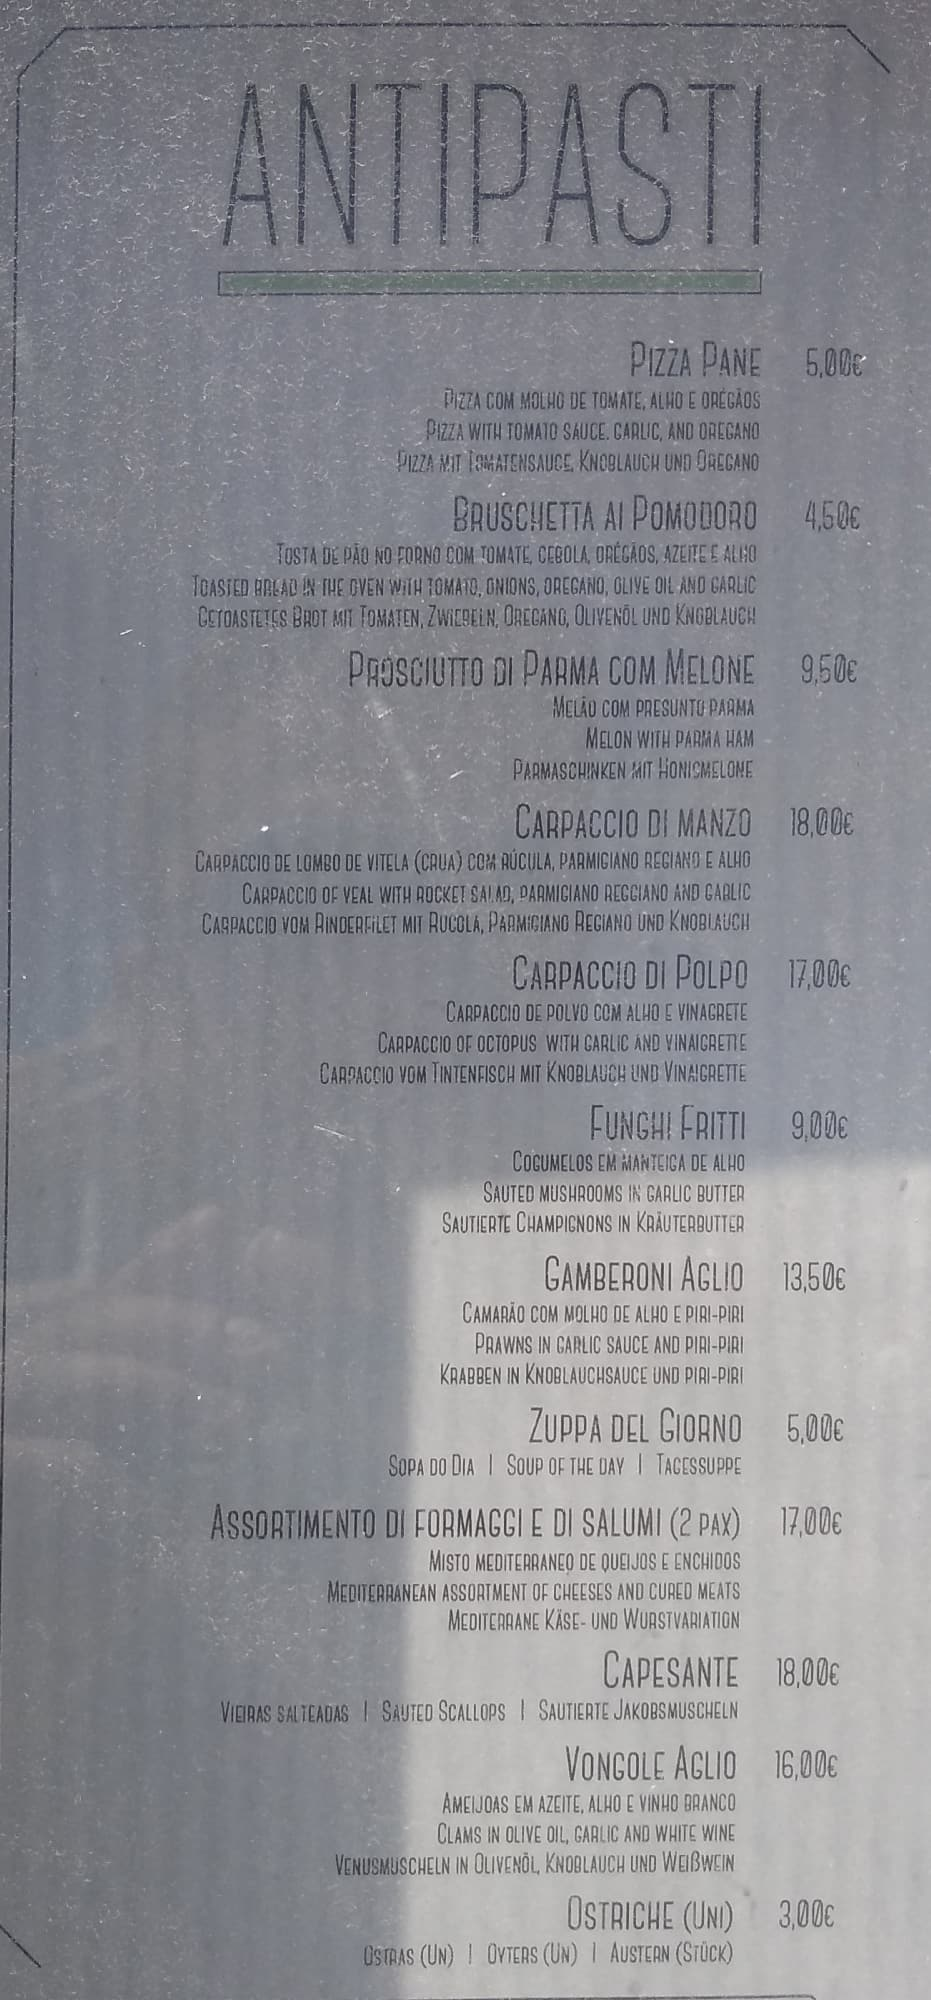 Primavera Ristorante Trattoria Menu - Zomato Portugal